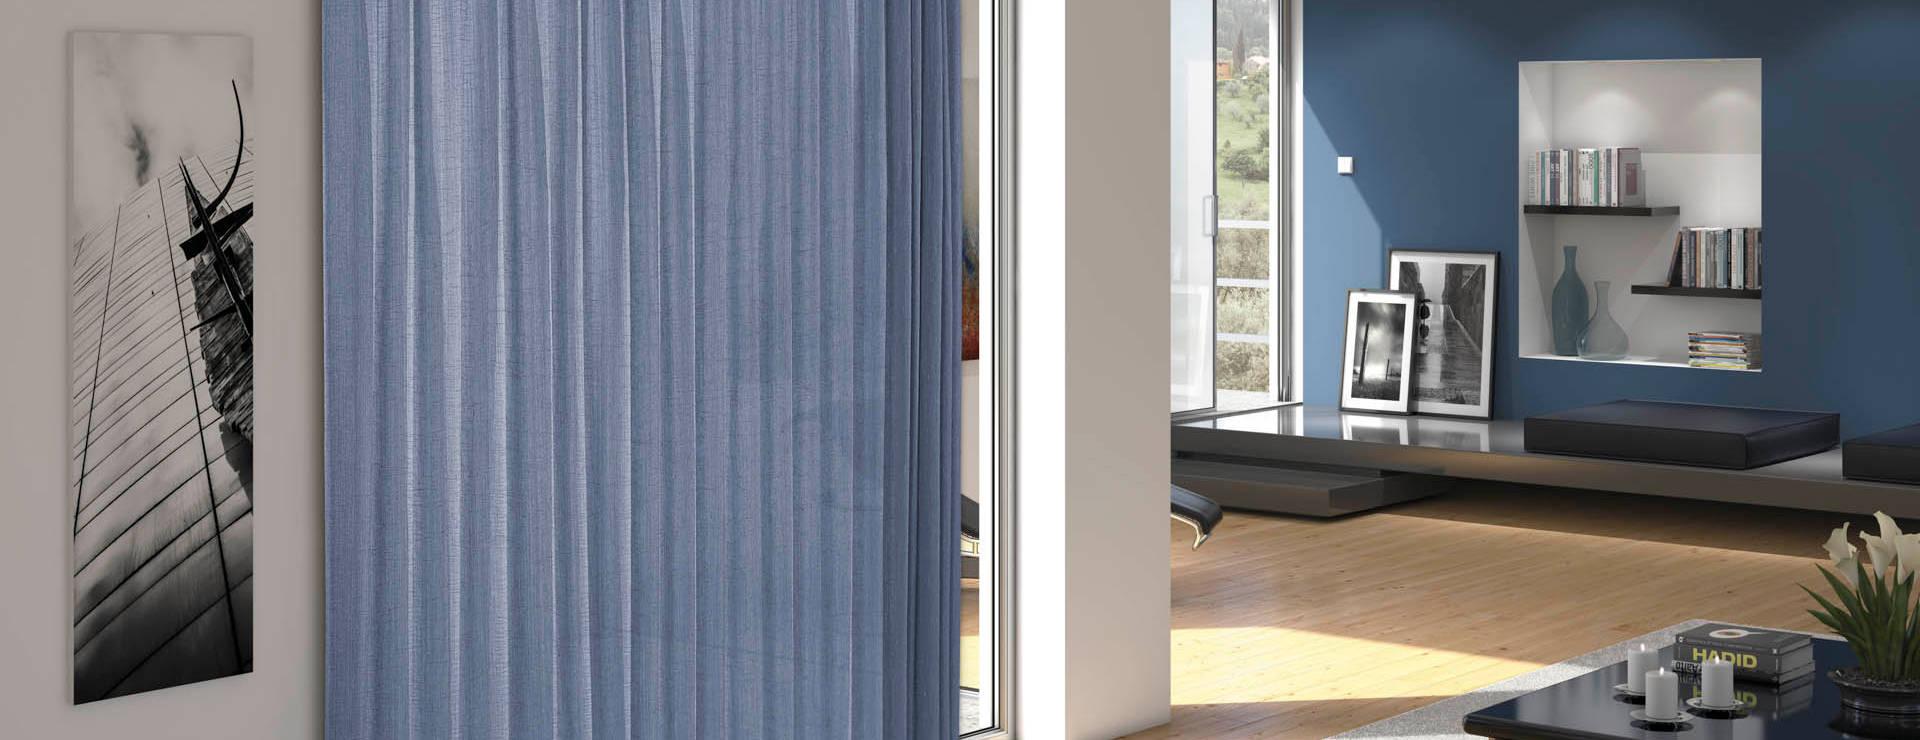 Per la vostra casa corsini tendaggi - Tende particolari per interni ...